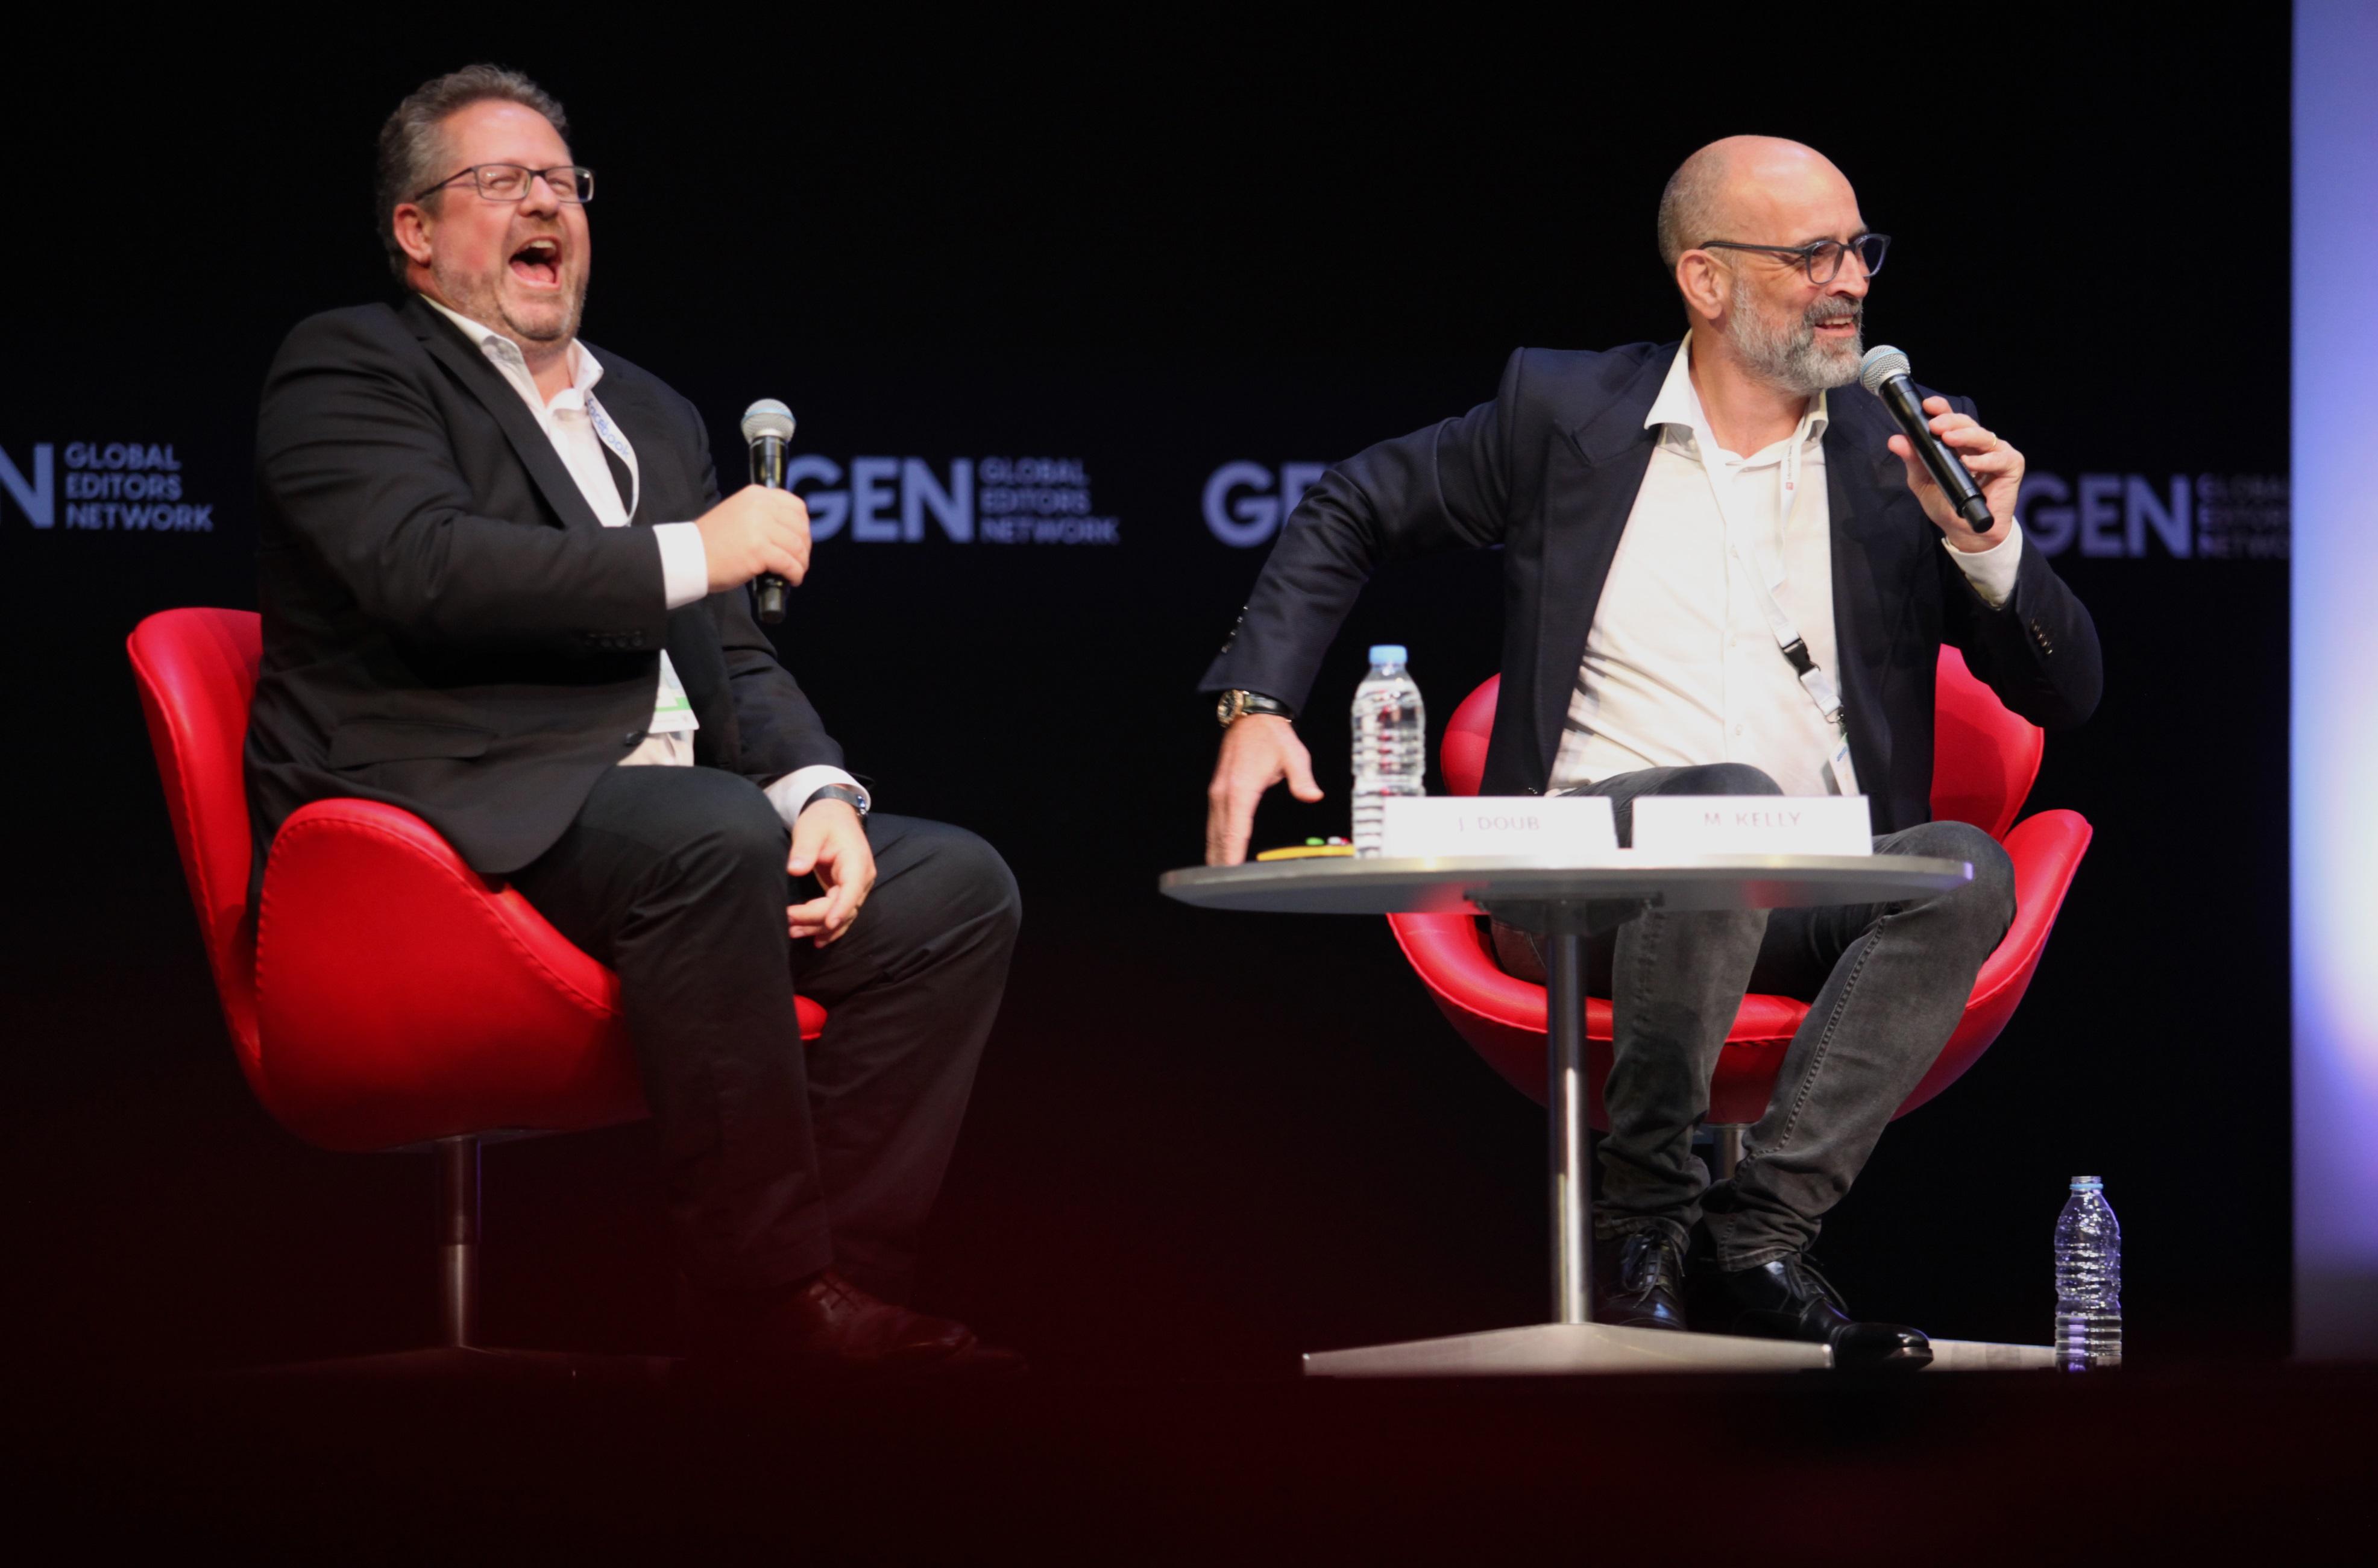 """Jesper Doub Gen Summit - Web. Facebook vuole ricompensare gli editori. Doub: """"Non sara' la soluzione, ma vogliamo esserne parte"""""""